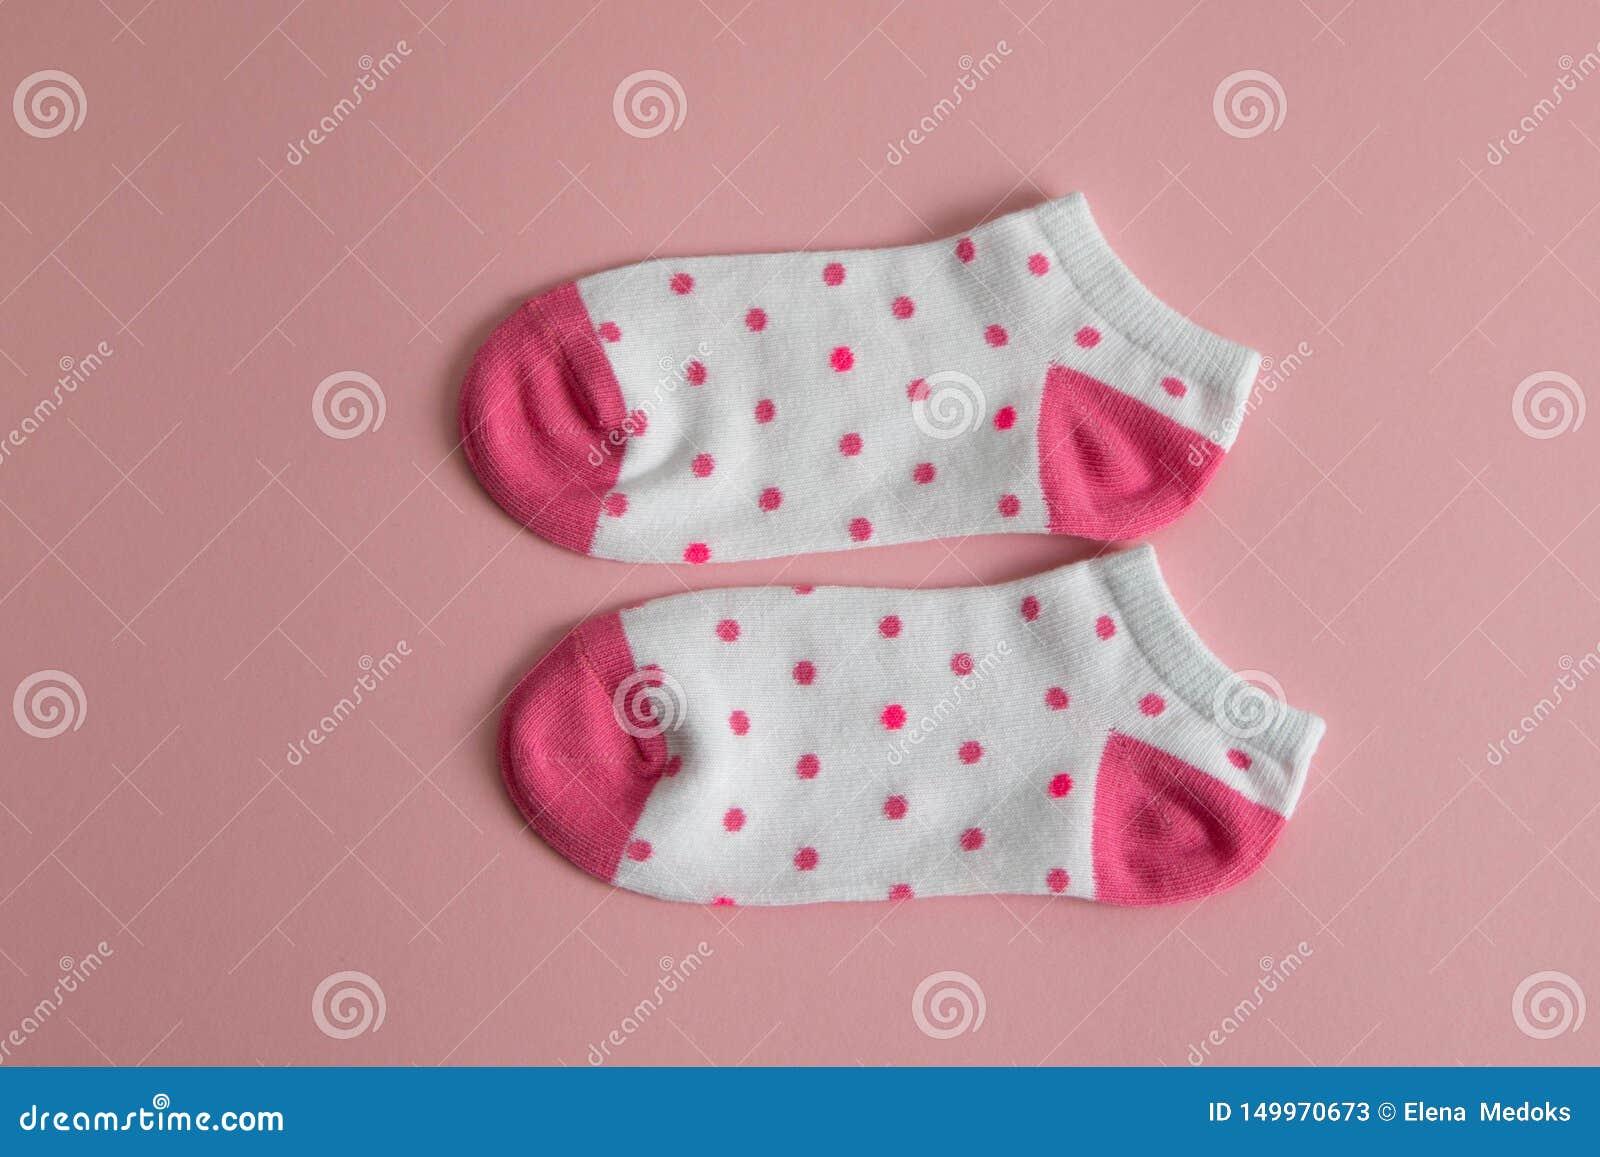 Ένα ζευγάρι των άσπρων καλτσών για τα παιδιά με τις ρόδινες κάλτσες και των τακουνιών, με τα ρόδινα σημεία, σε ένα ρόδινο υπόβαθρ